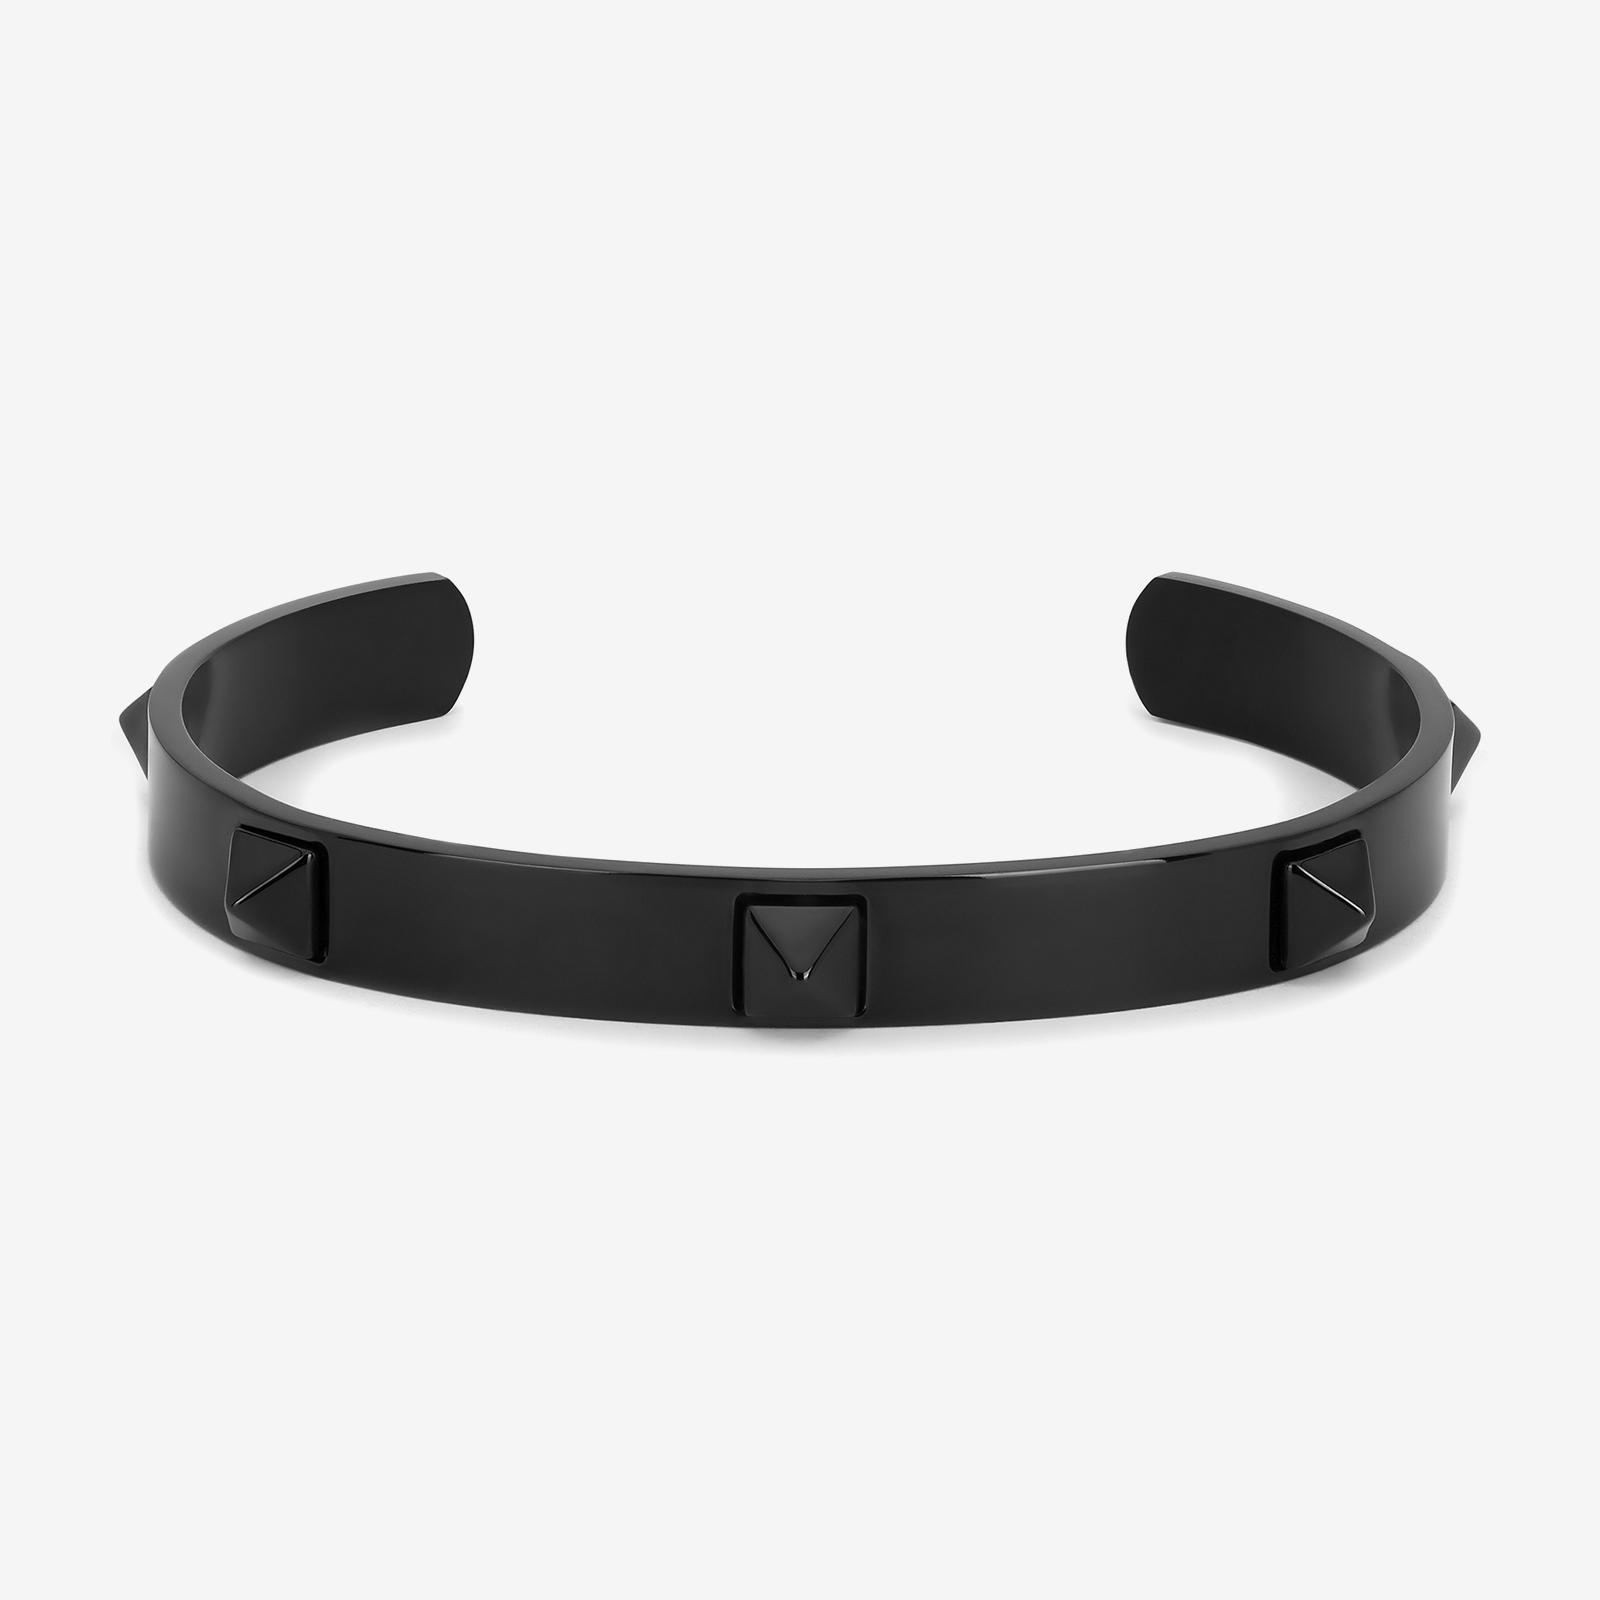 Bracelet product picture